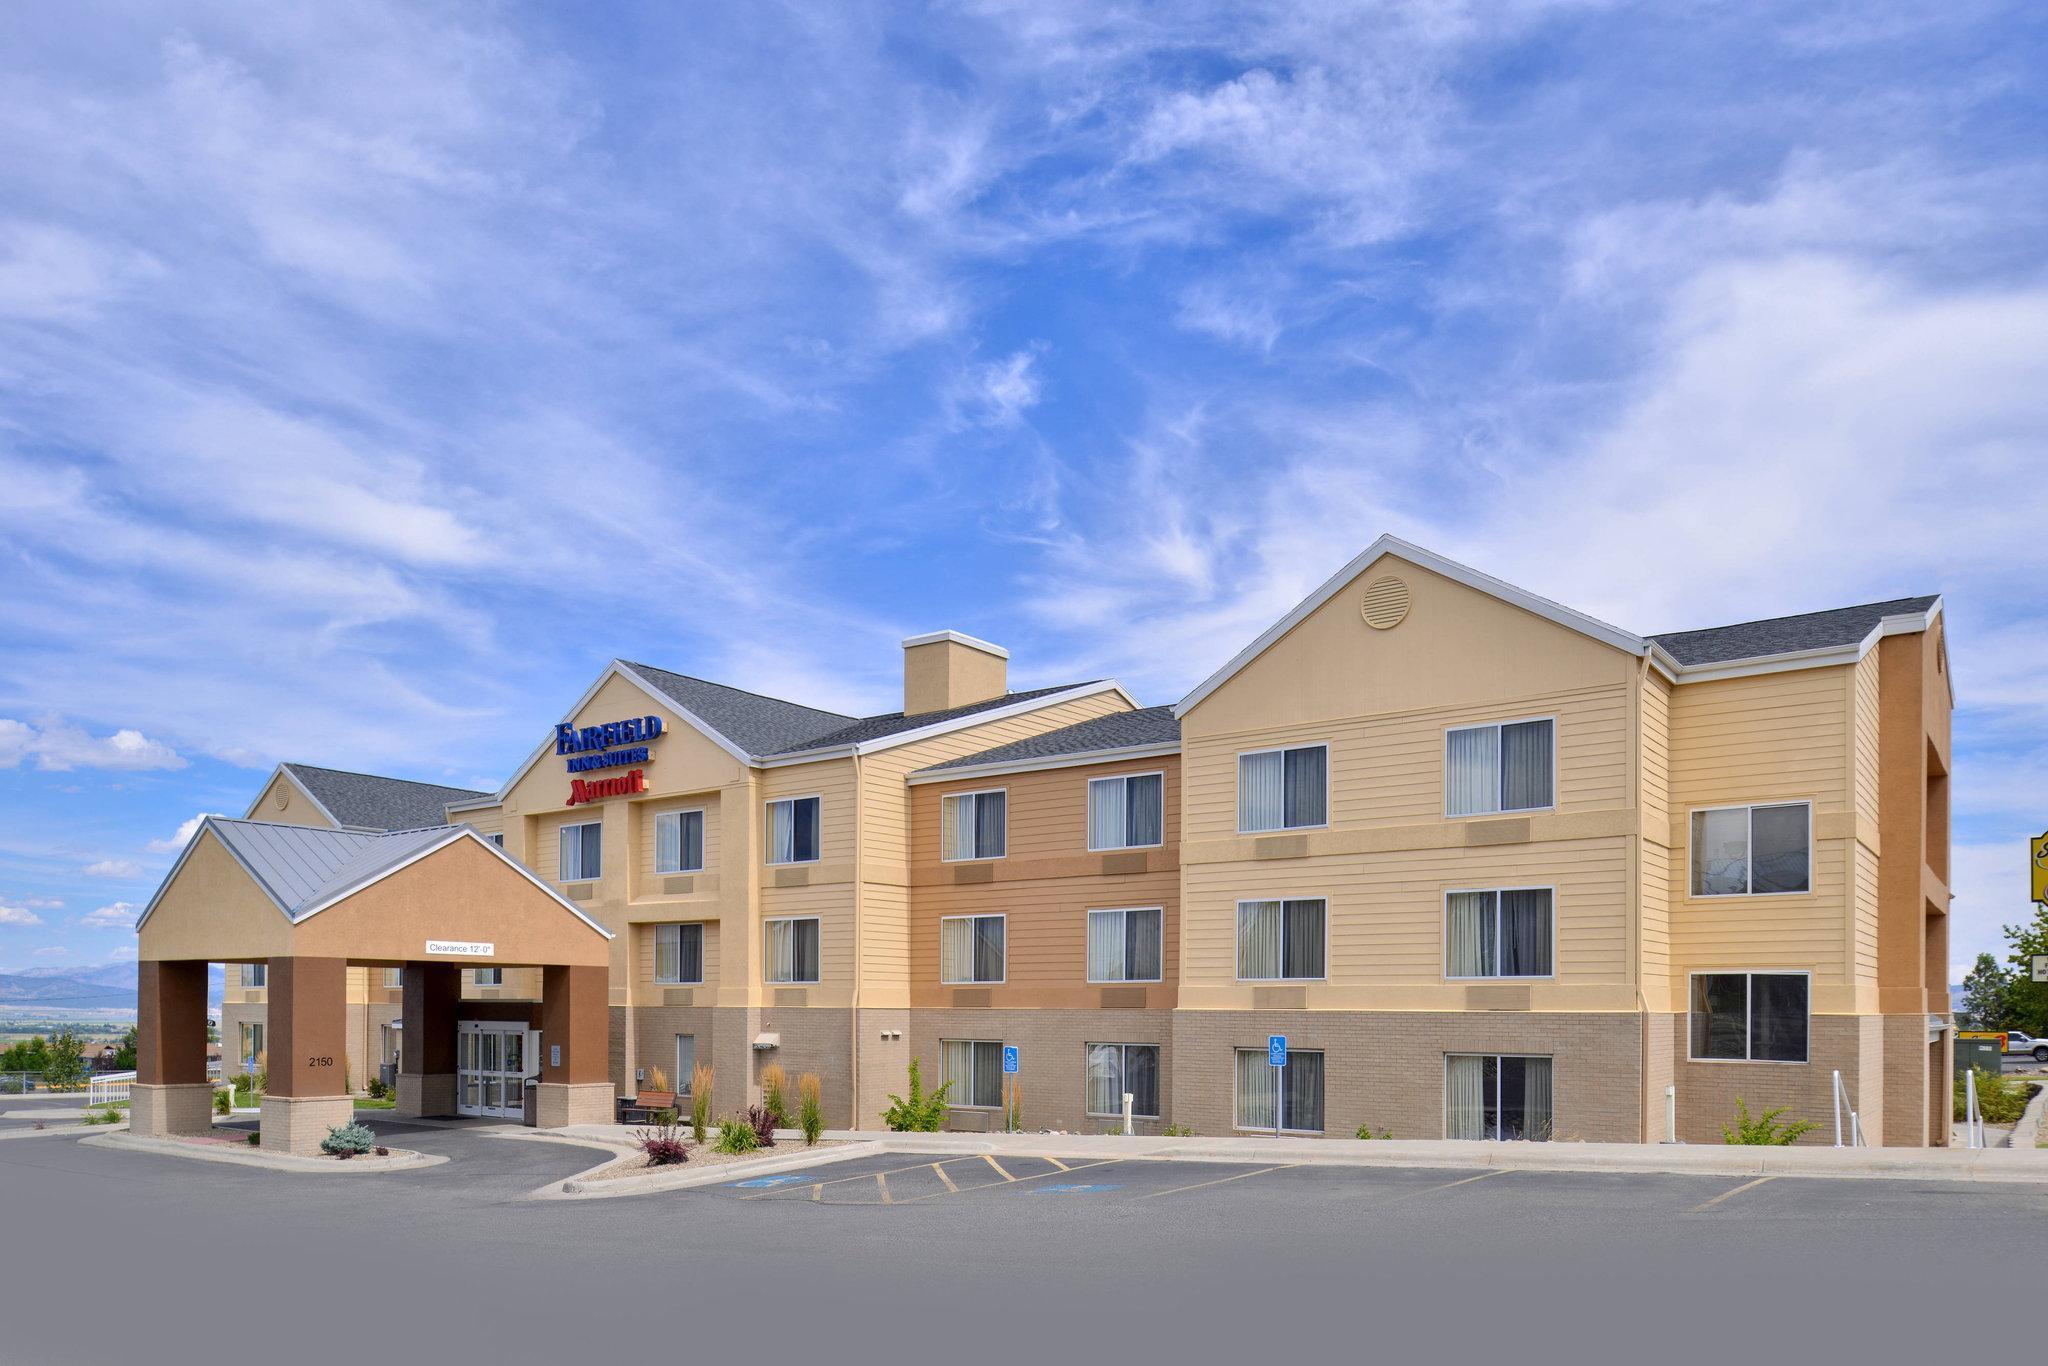 Fairfield Inn And Suites Helena